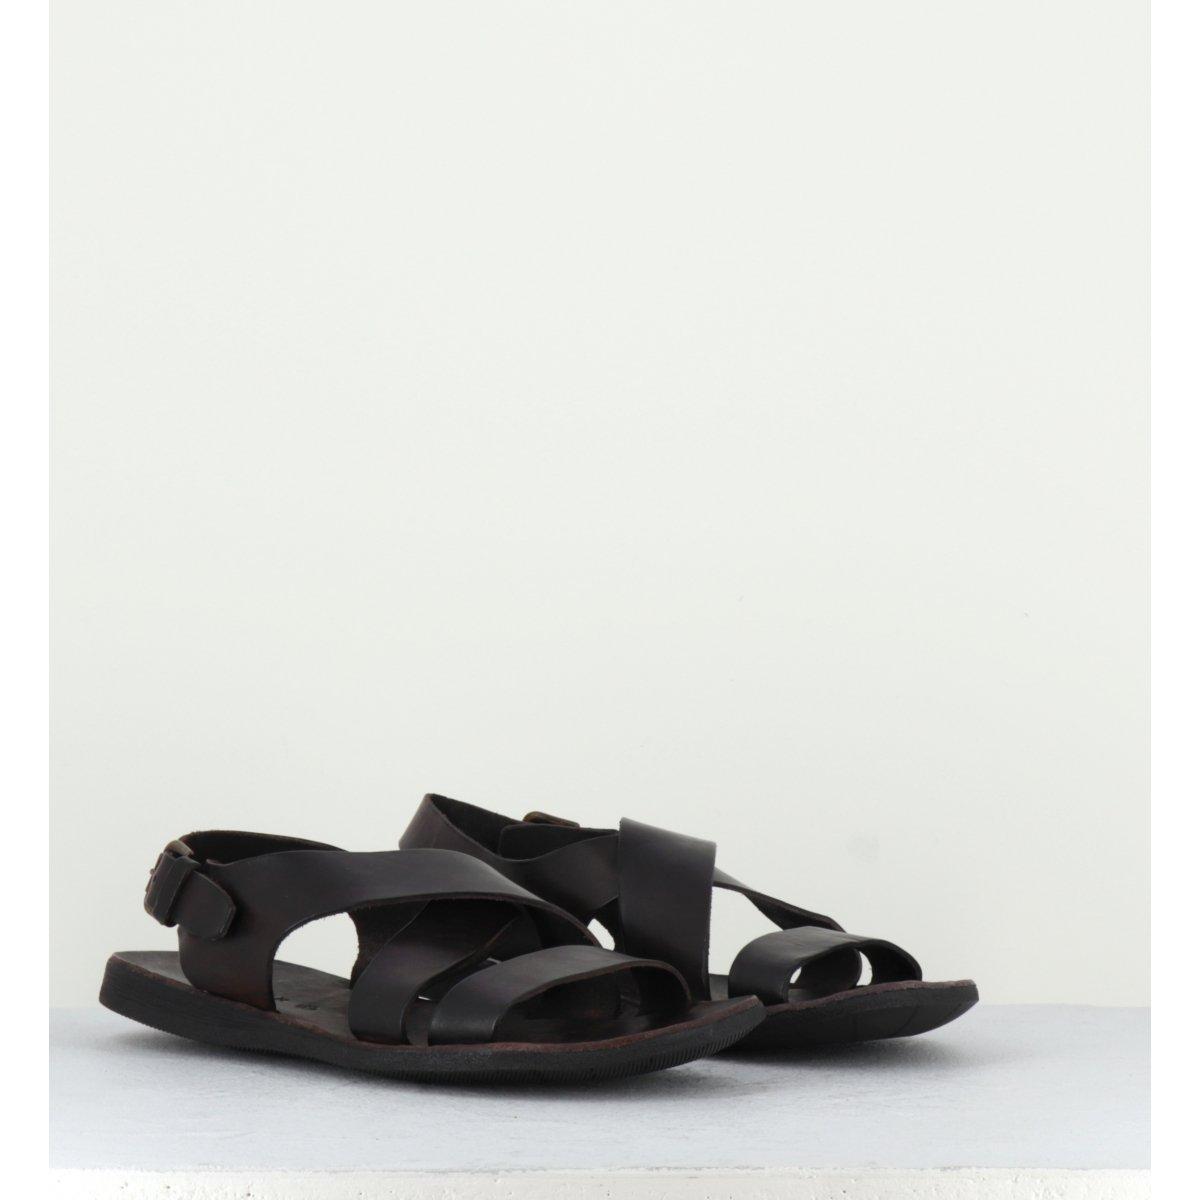 Sandales en cuir marron pour hommes Brador Shoes - 46518MA